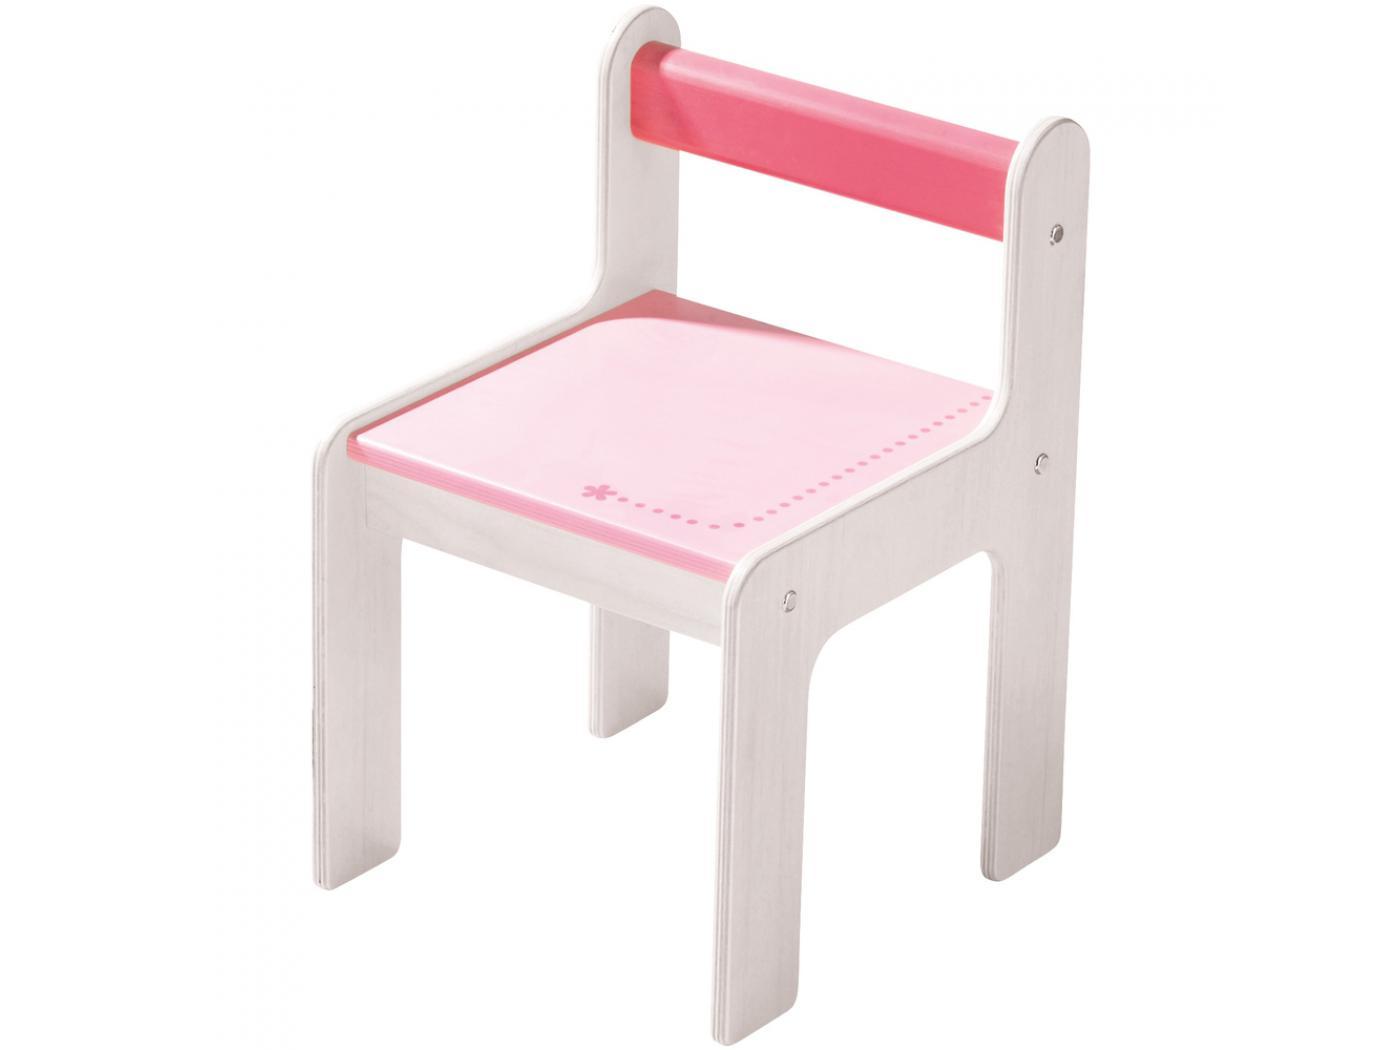 haba chaise d enfant puncto rose. Black Bedroom Furniture Sets. Home Design Ideas